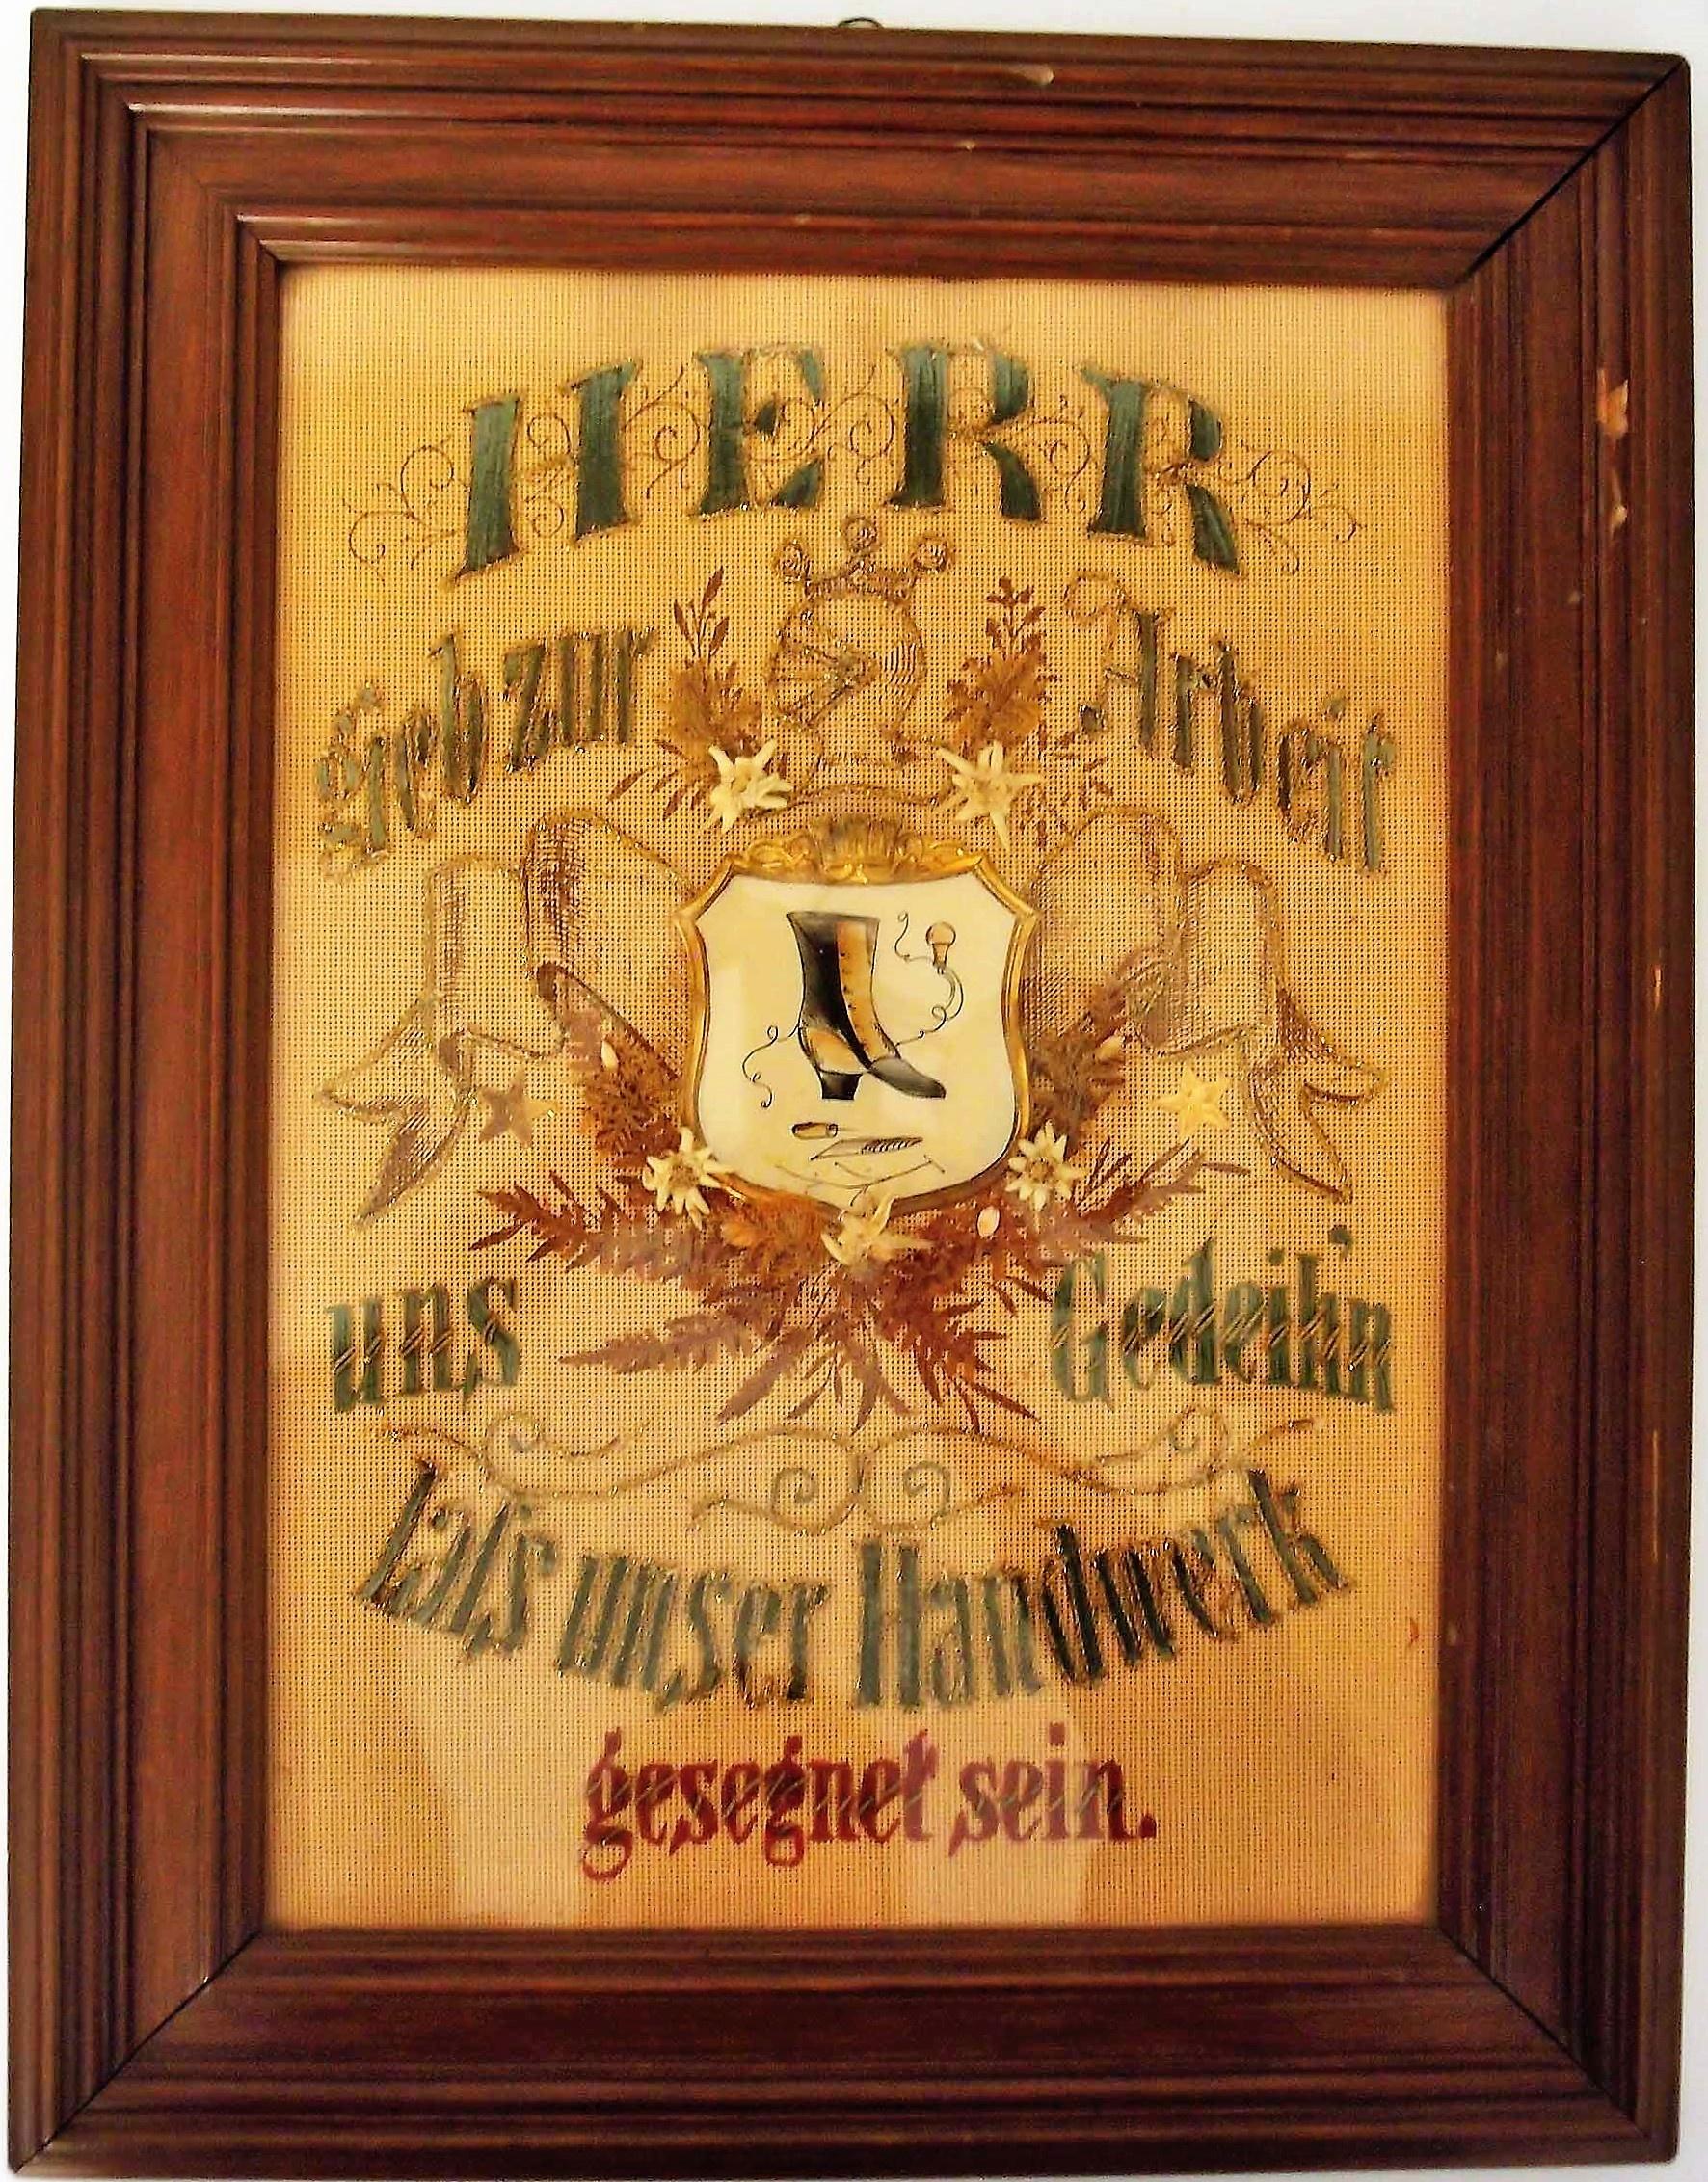 Handwerkerspruch im Rahmen :: Museum für Stadtgeschichte Templin ...